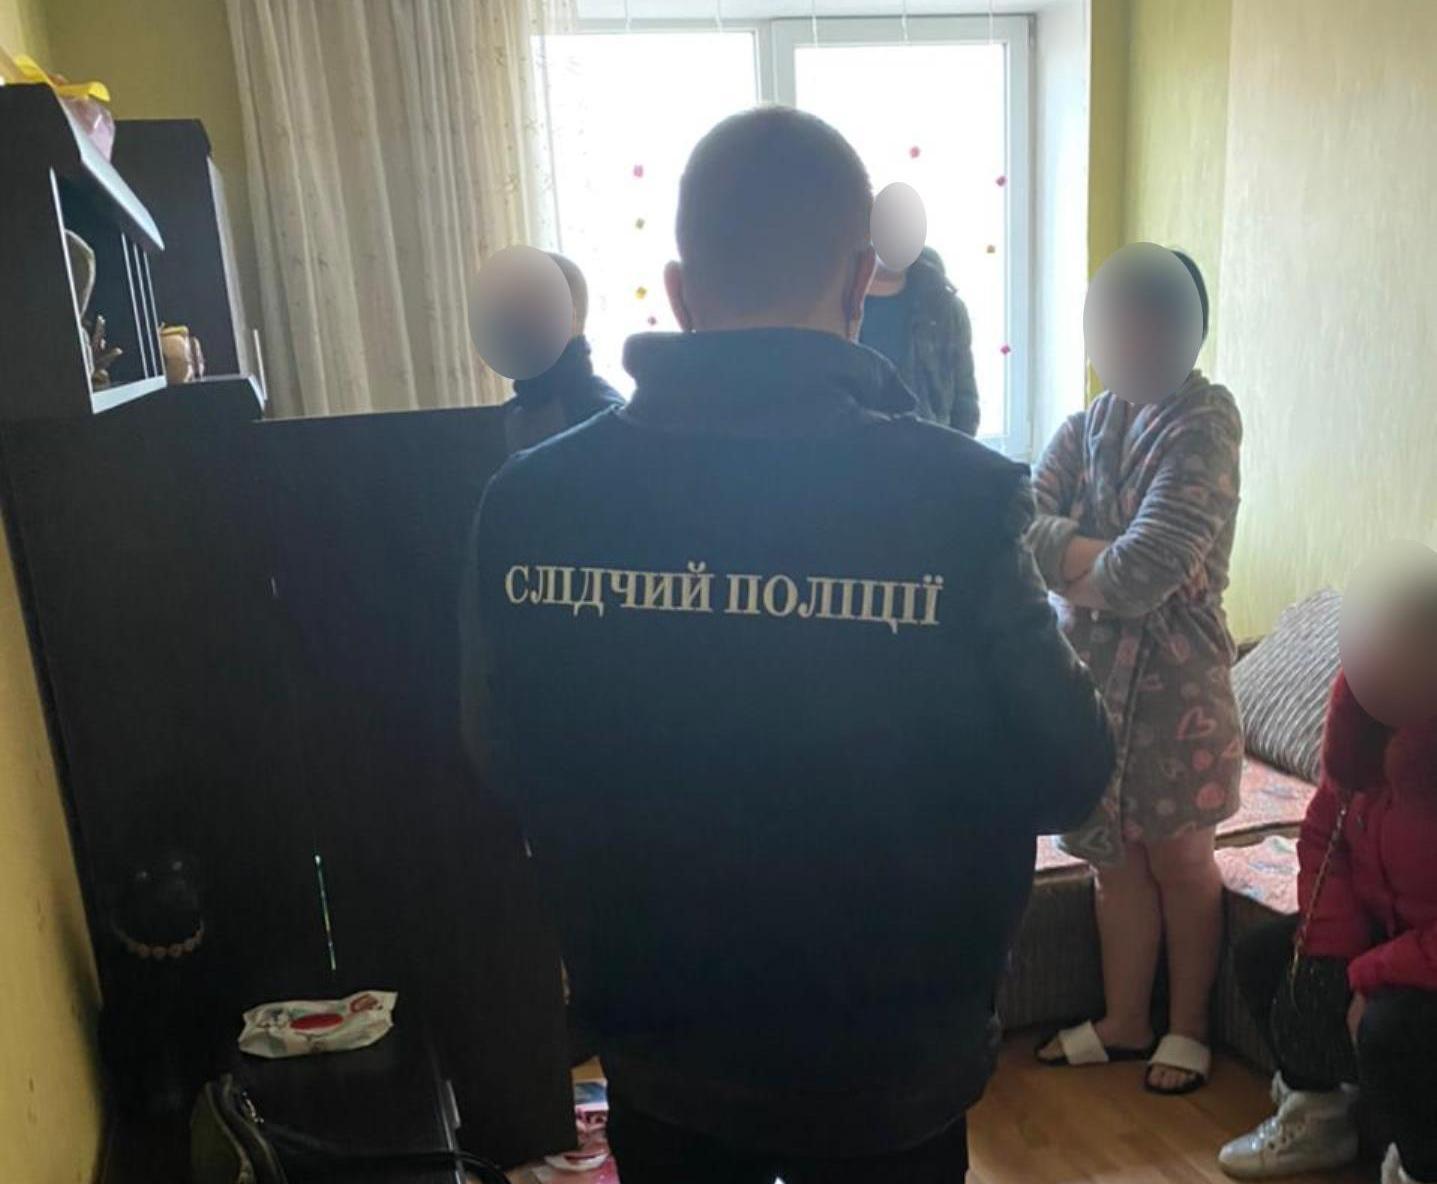 У Харкові викрито групу осіб, які займалися сутенерством